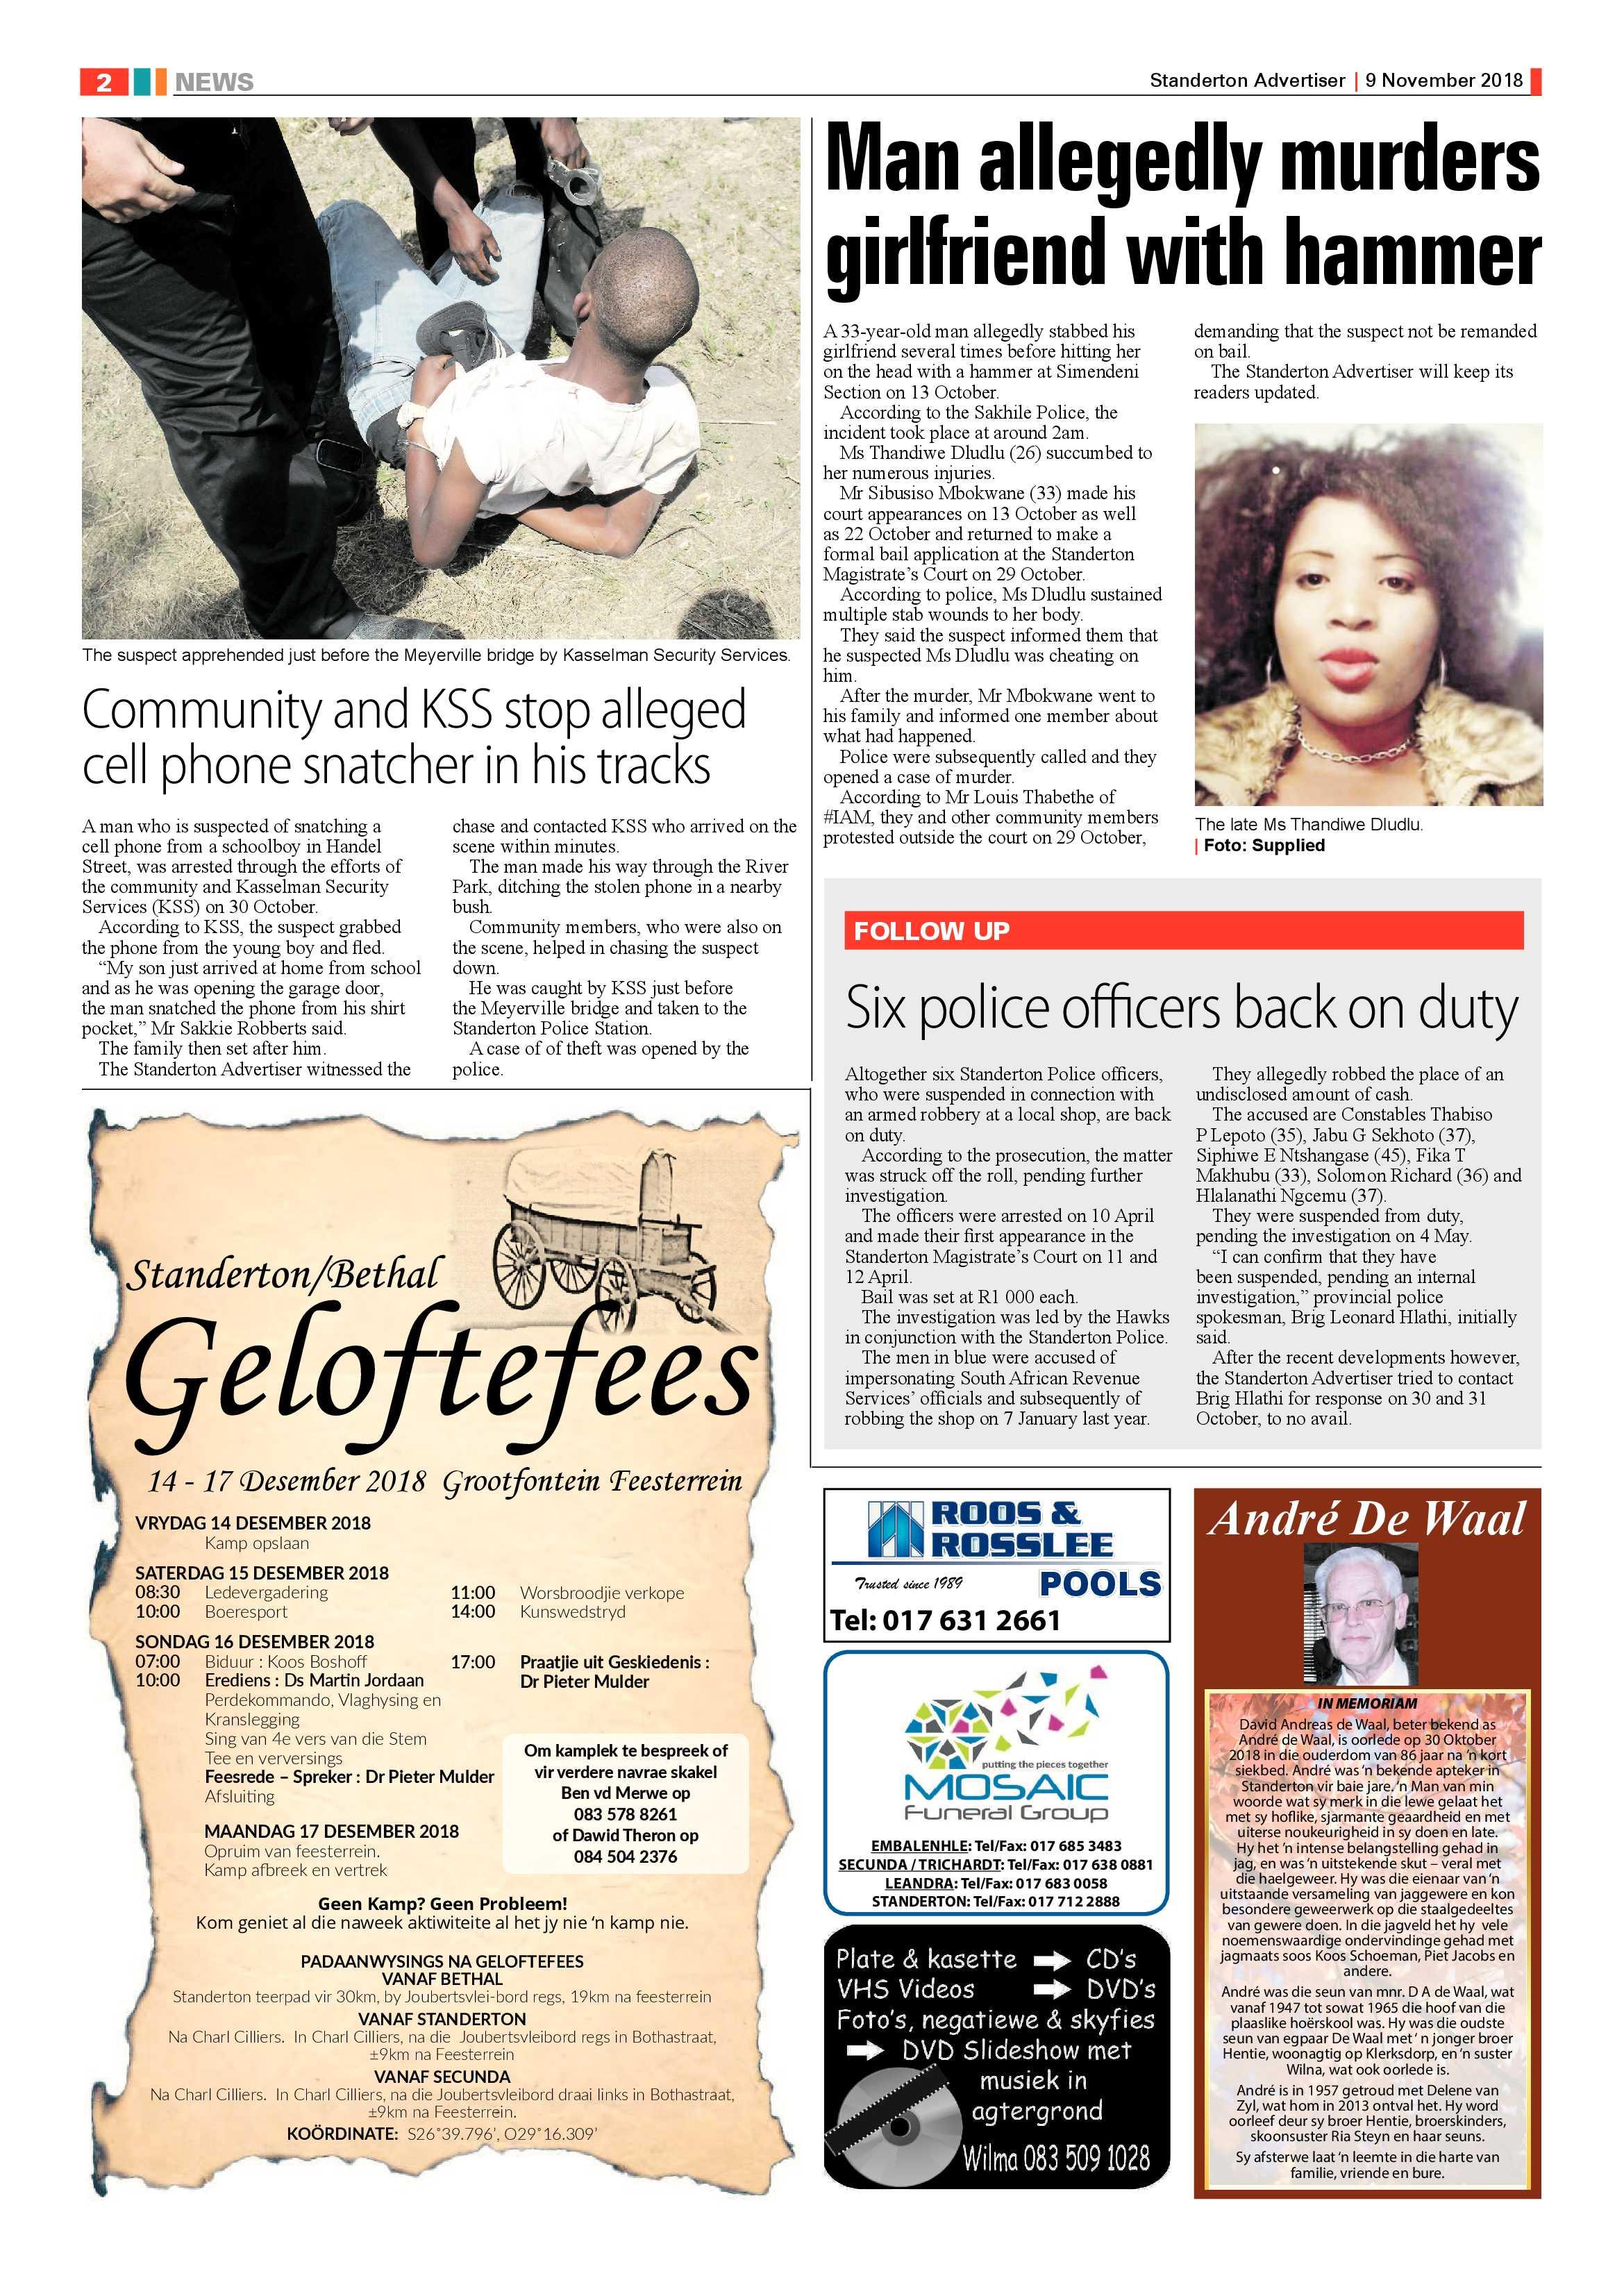 standerton-advertiser-9-november-2018-epapers-page-2